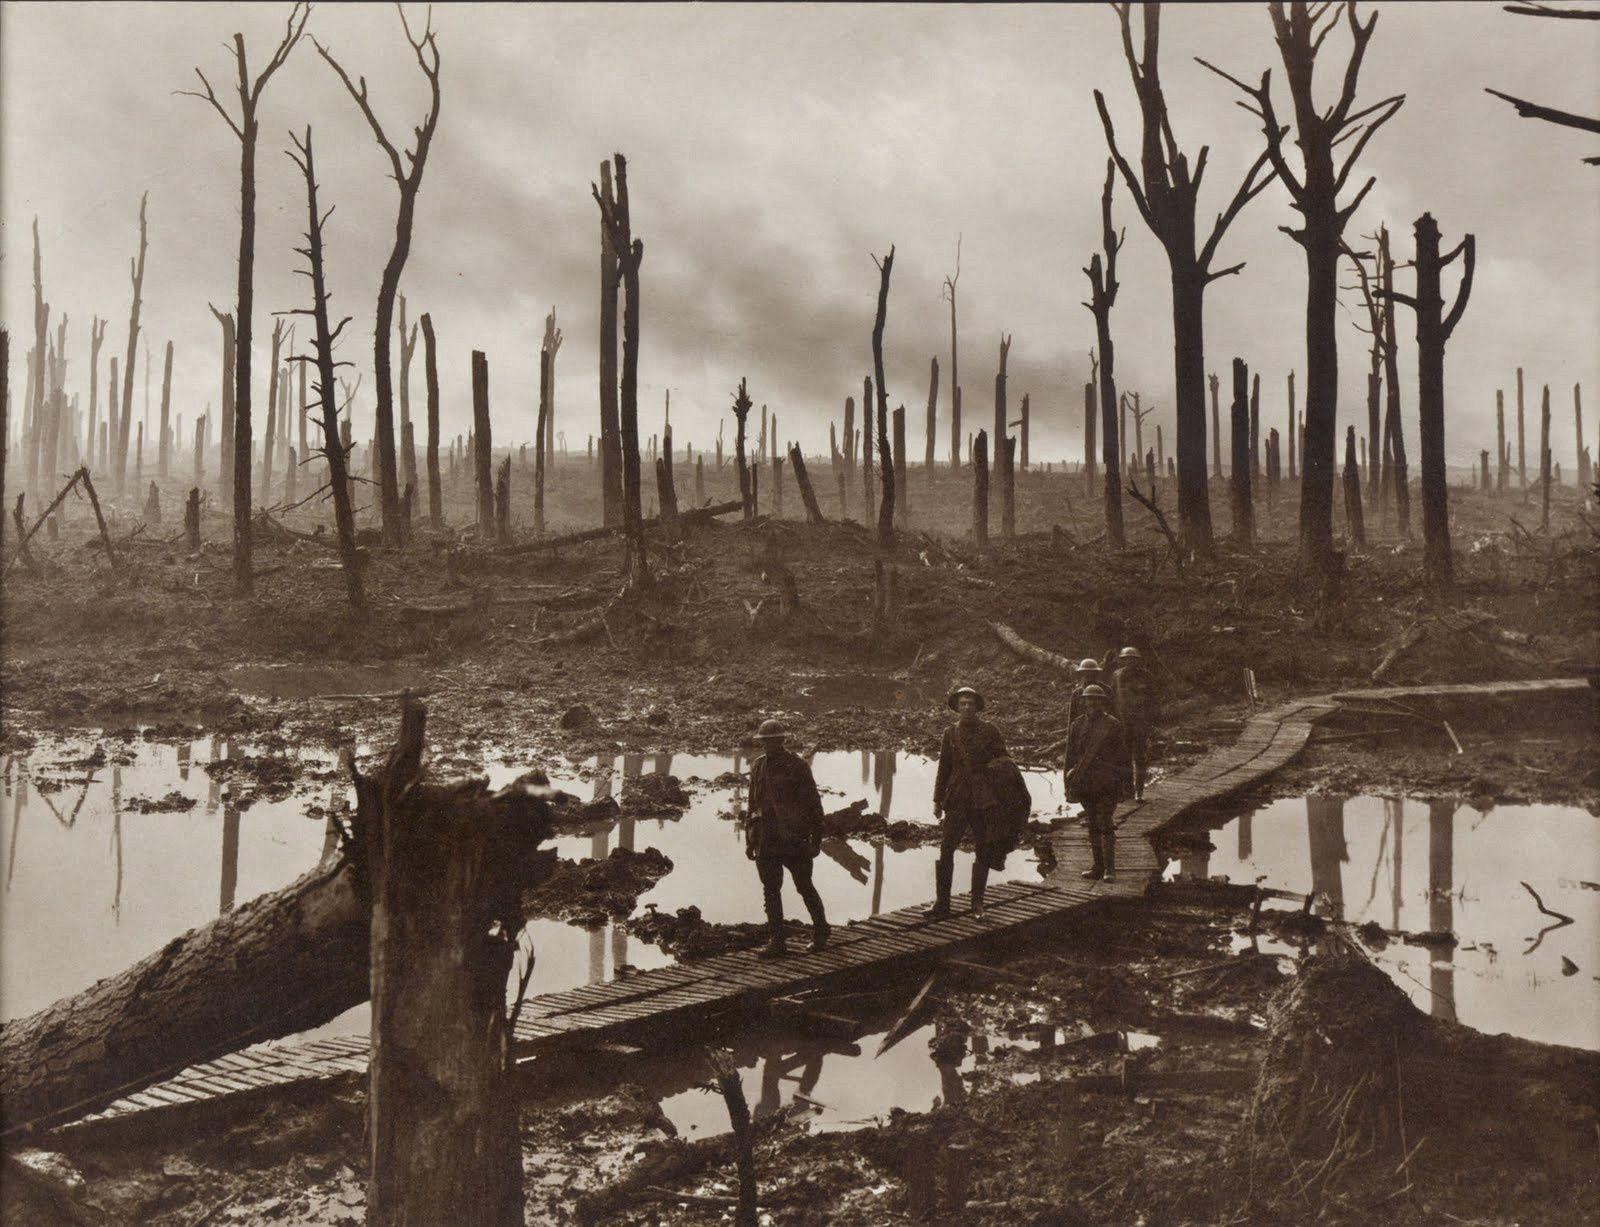 Soldats australiens à Paschendaele, 1917.